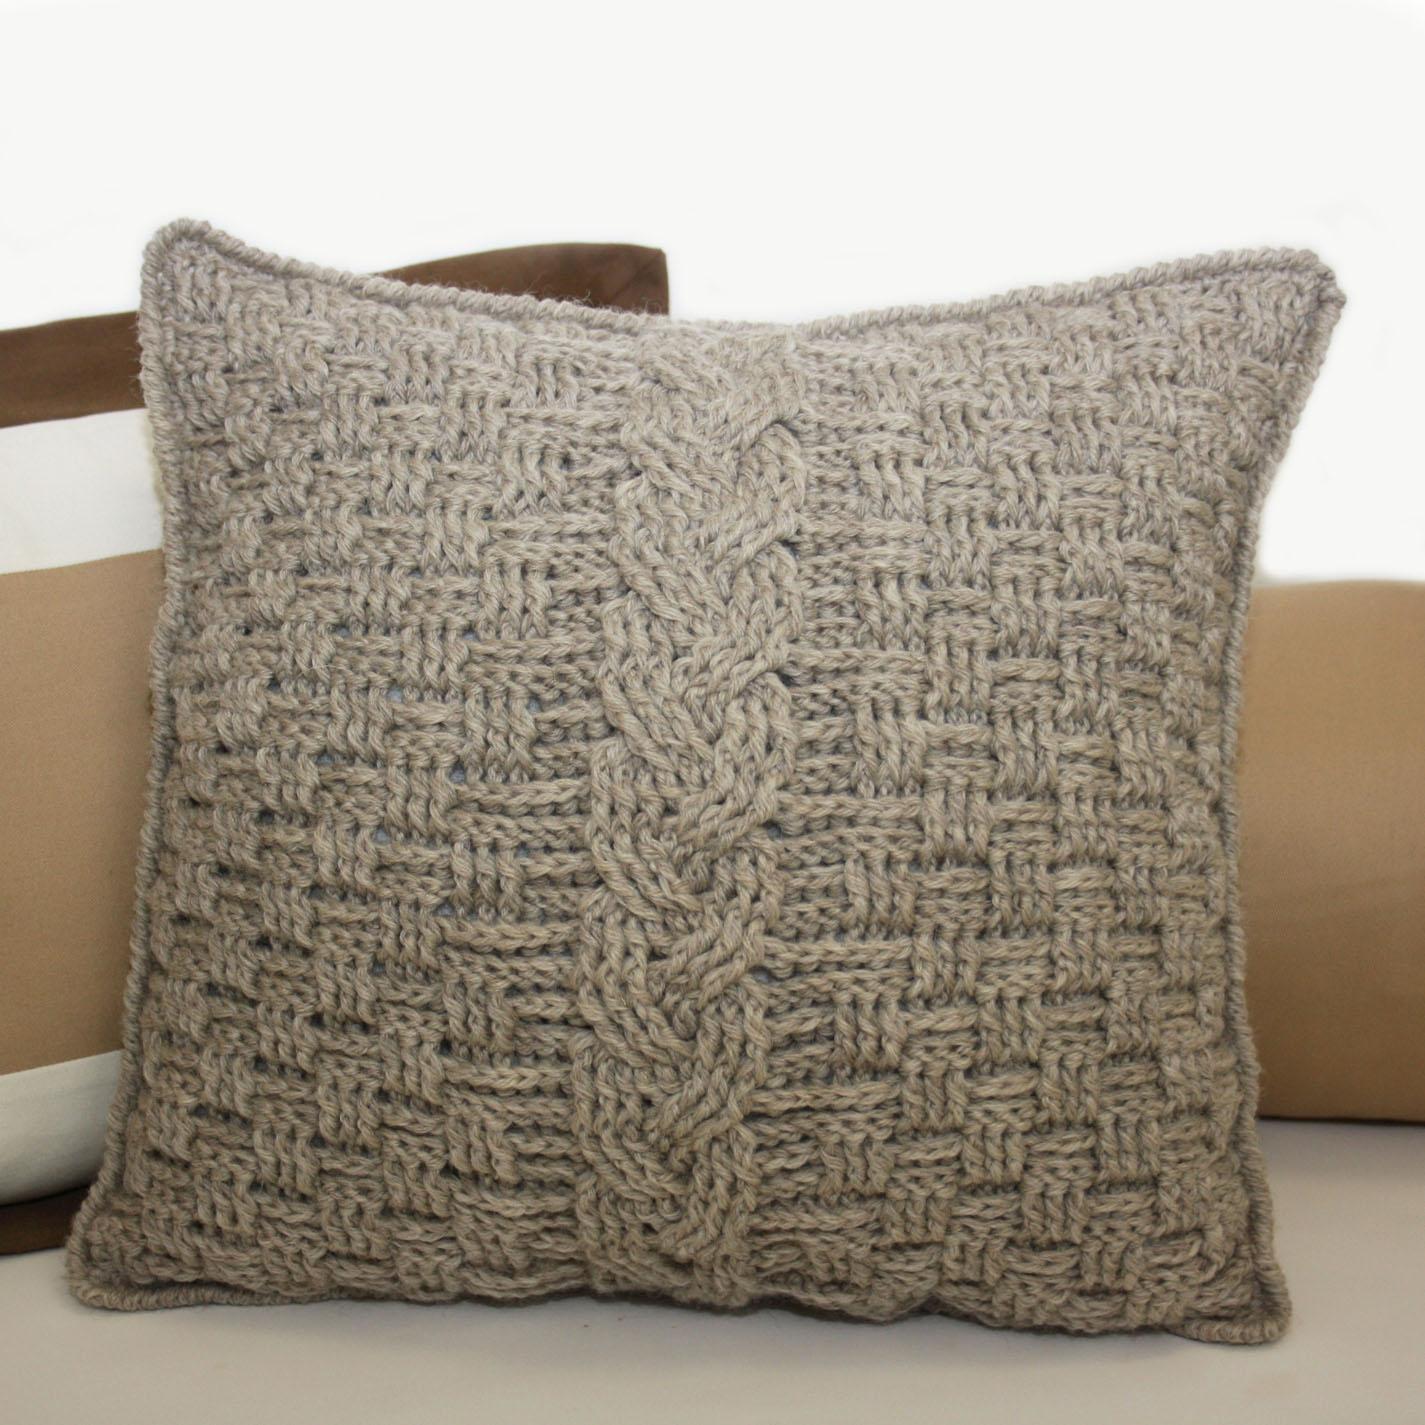 BOLSTER CROCHET FREE PATTERN PILLOW  Crochet Patterns